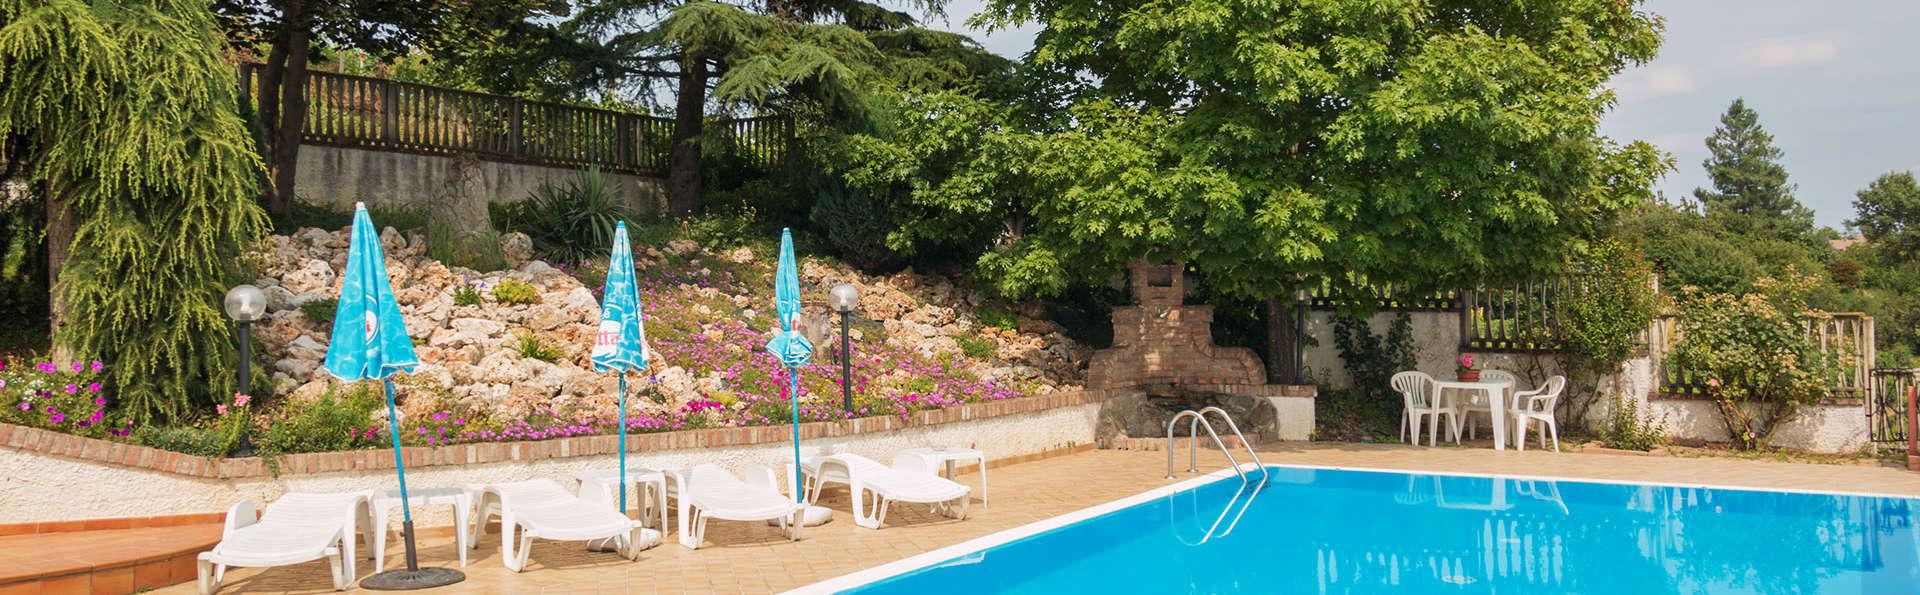 Hotel Belvedere - edit_Piscina-2.jpg